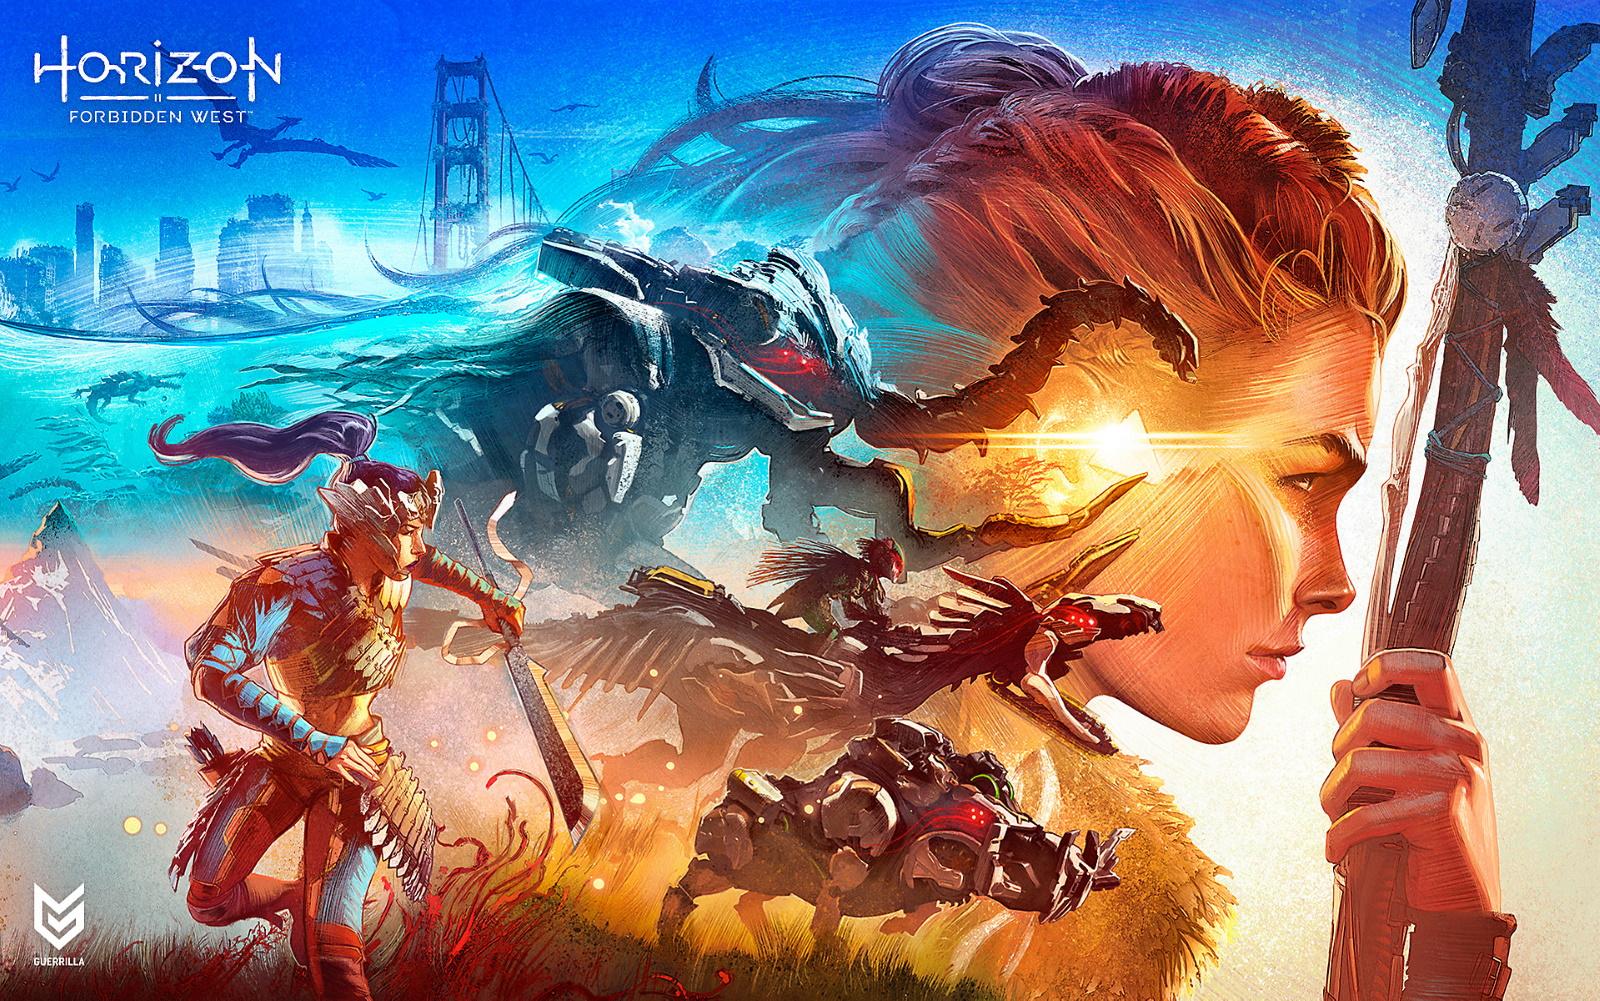 Horizon Devs Reveal Sequel Will Release In 2021